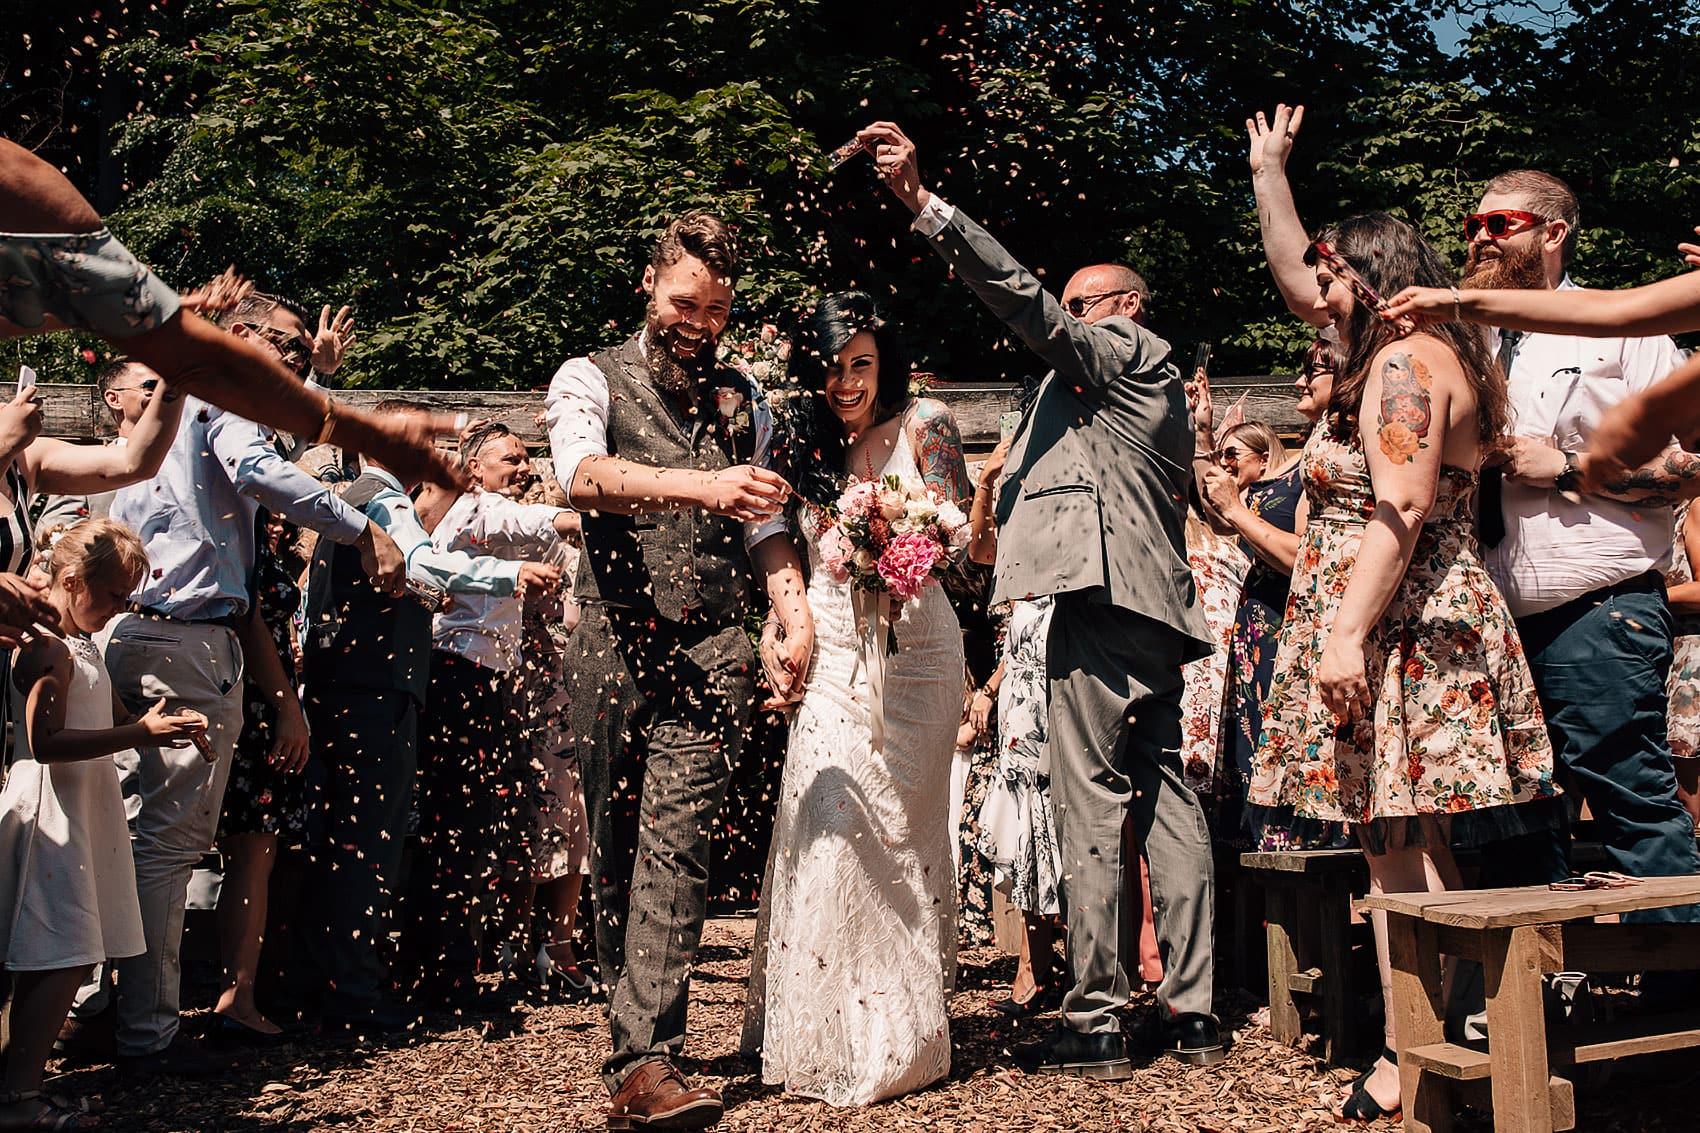 woodland wedding confetti party